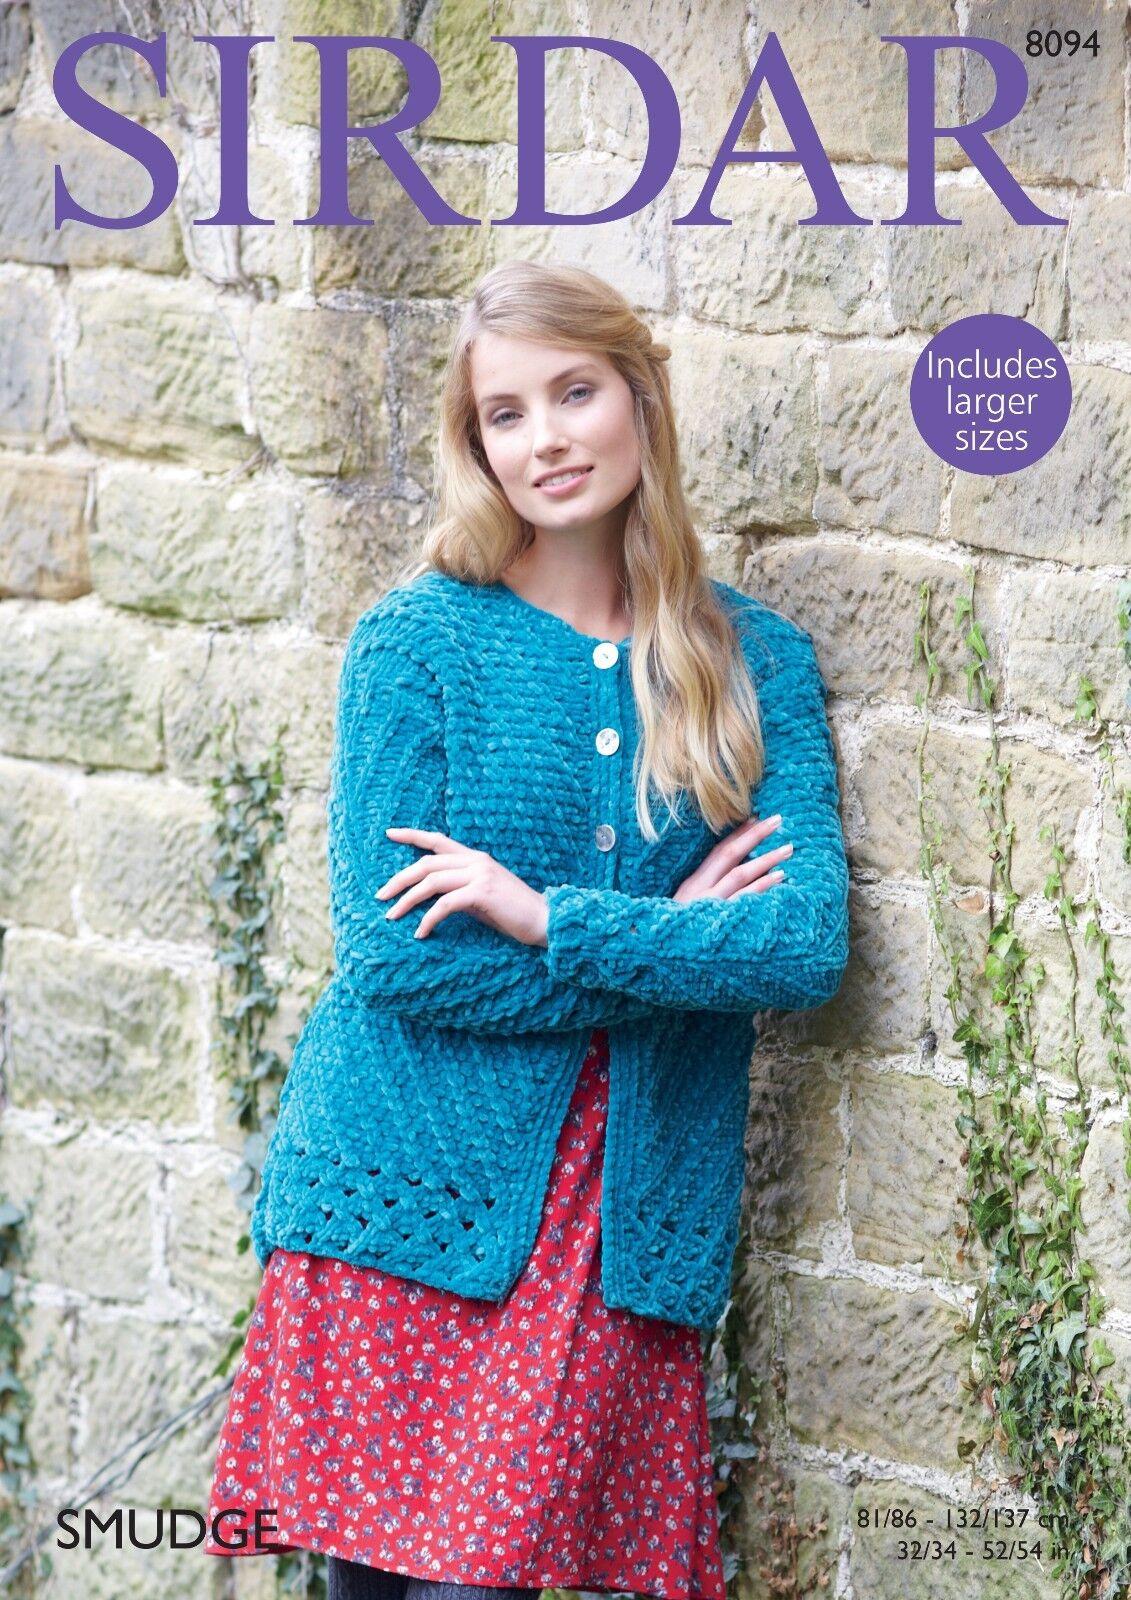 Sirdar-7871 Sirdar Ladies Jacket Smudge Knitting Pattern 7871 Chunky